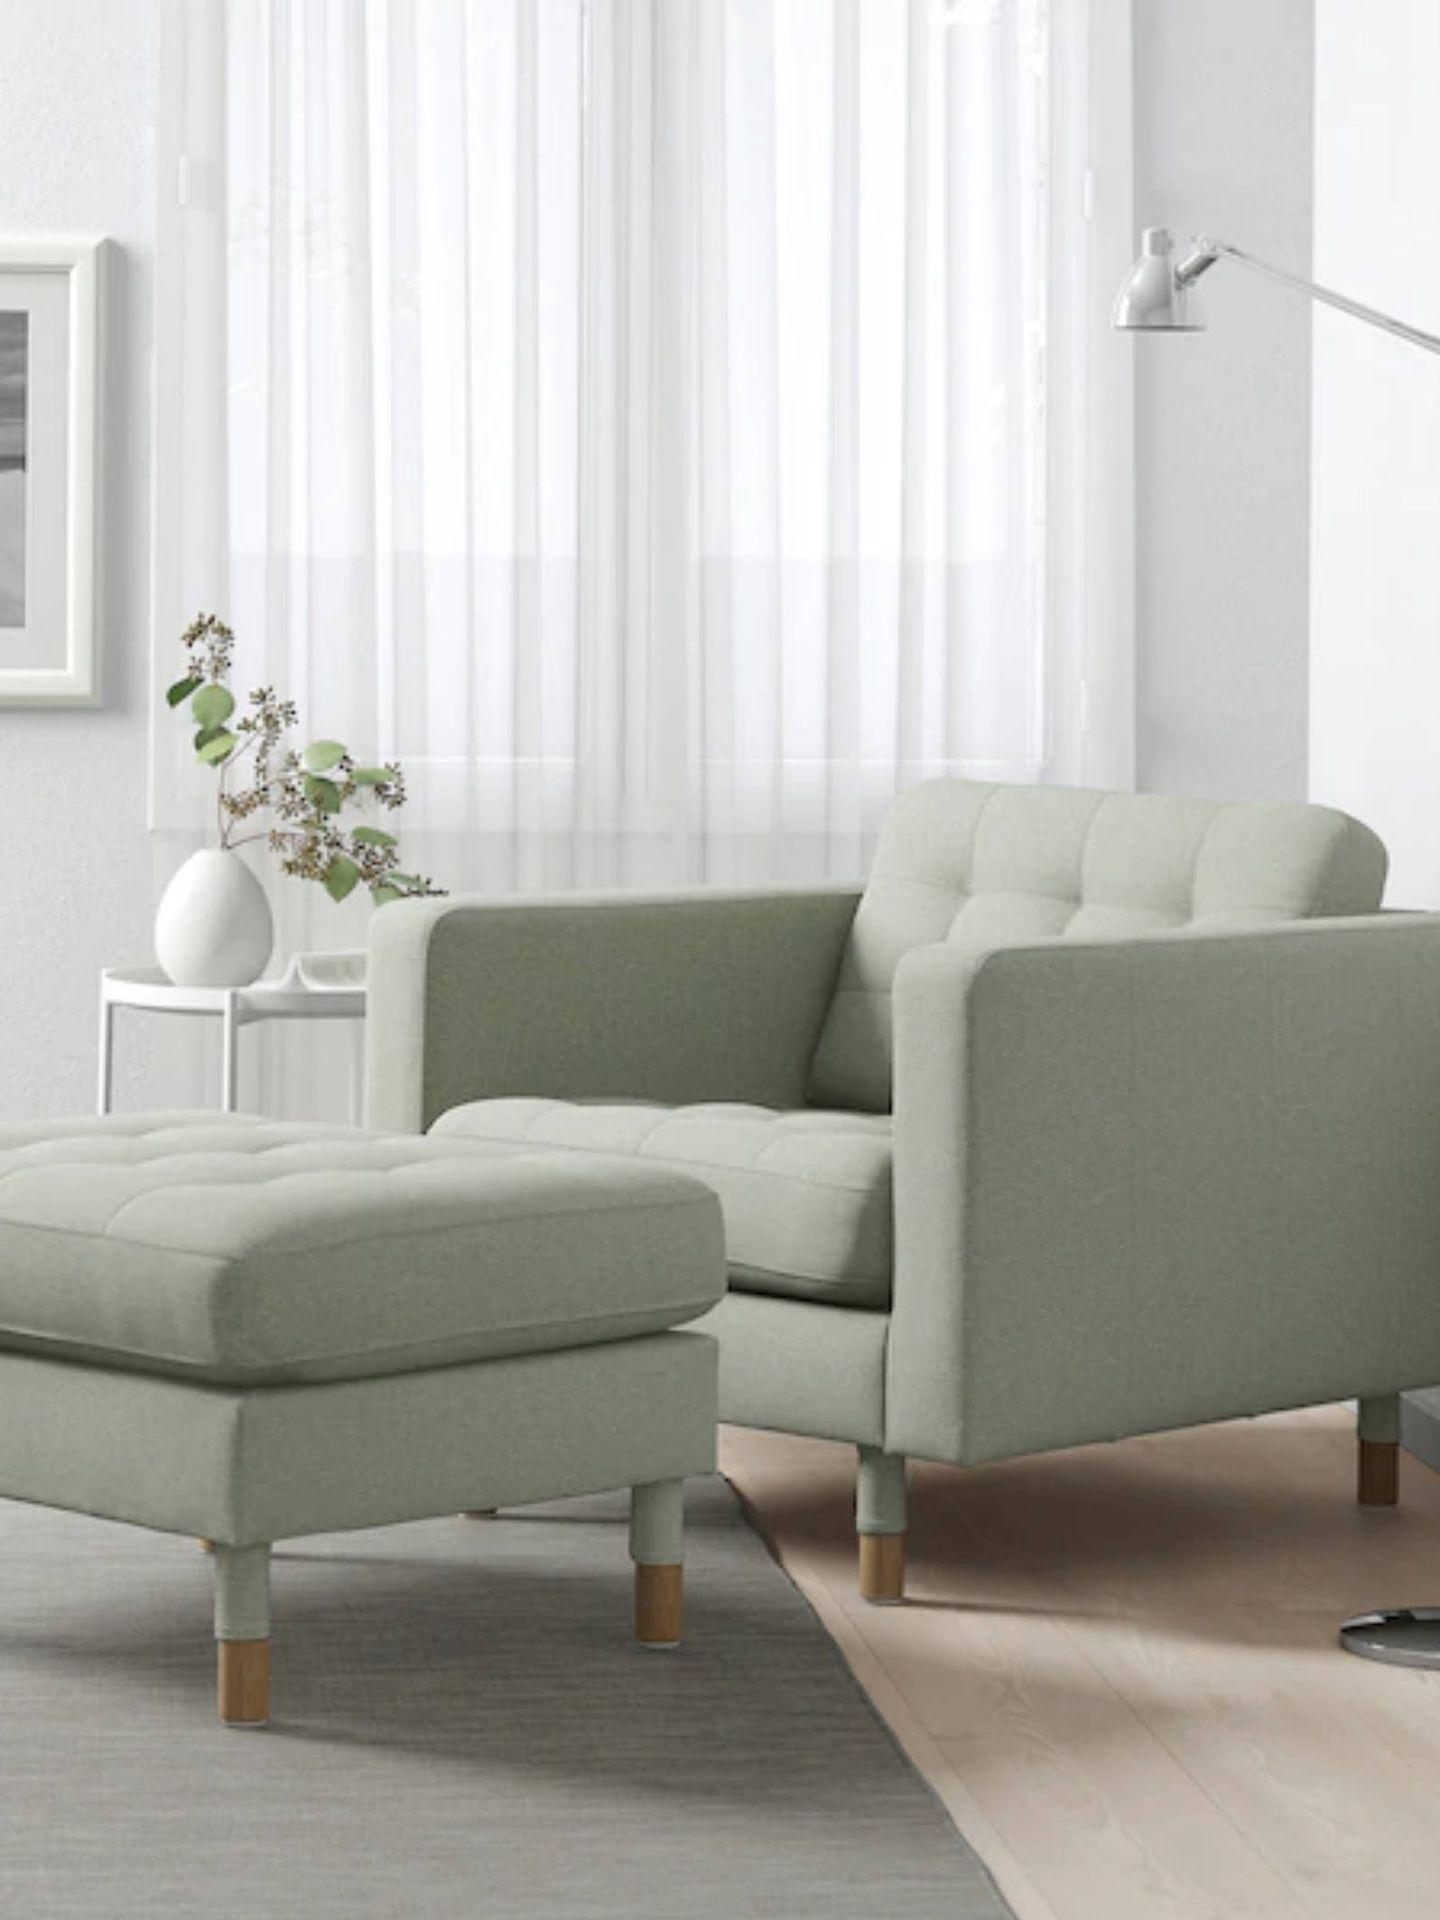 Decora con estos sillones de Ikea tu rincón de lectura perfecto. (Cortesía)